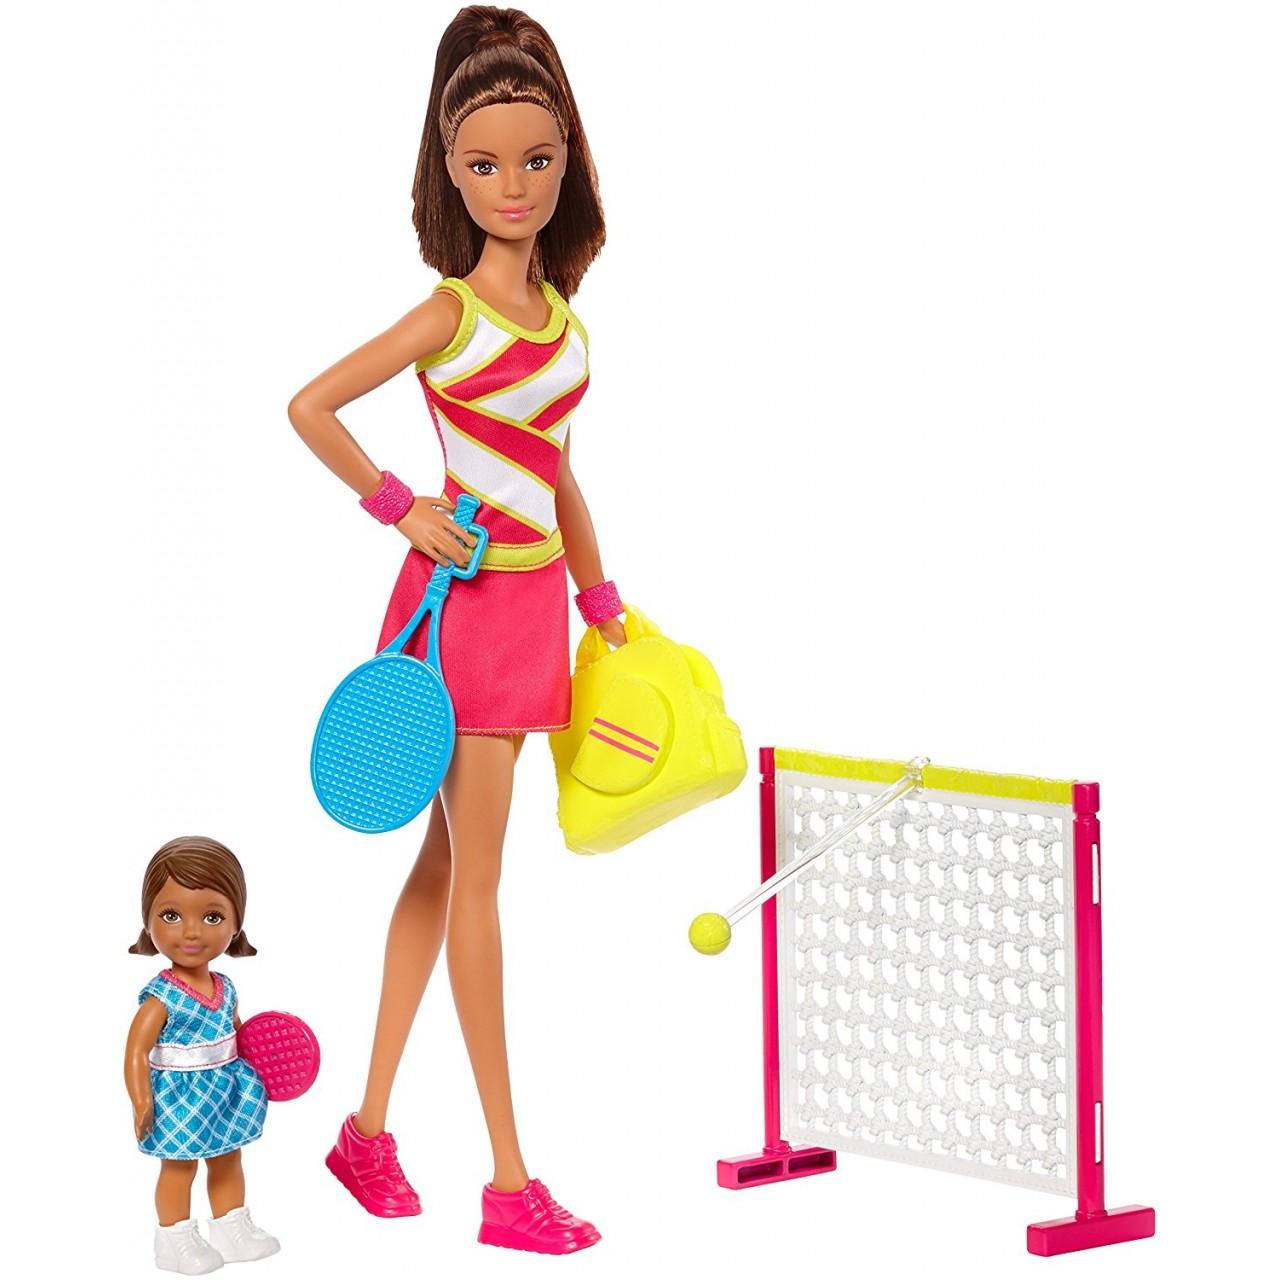 Лялька Барбі тренер з тенісу з аксесуарами DVG15